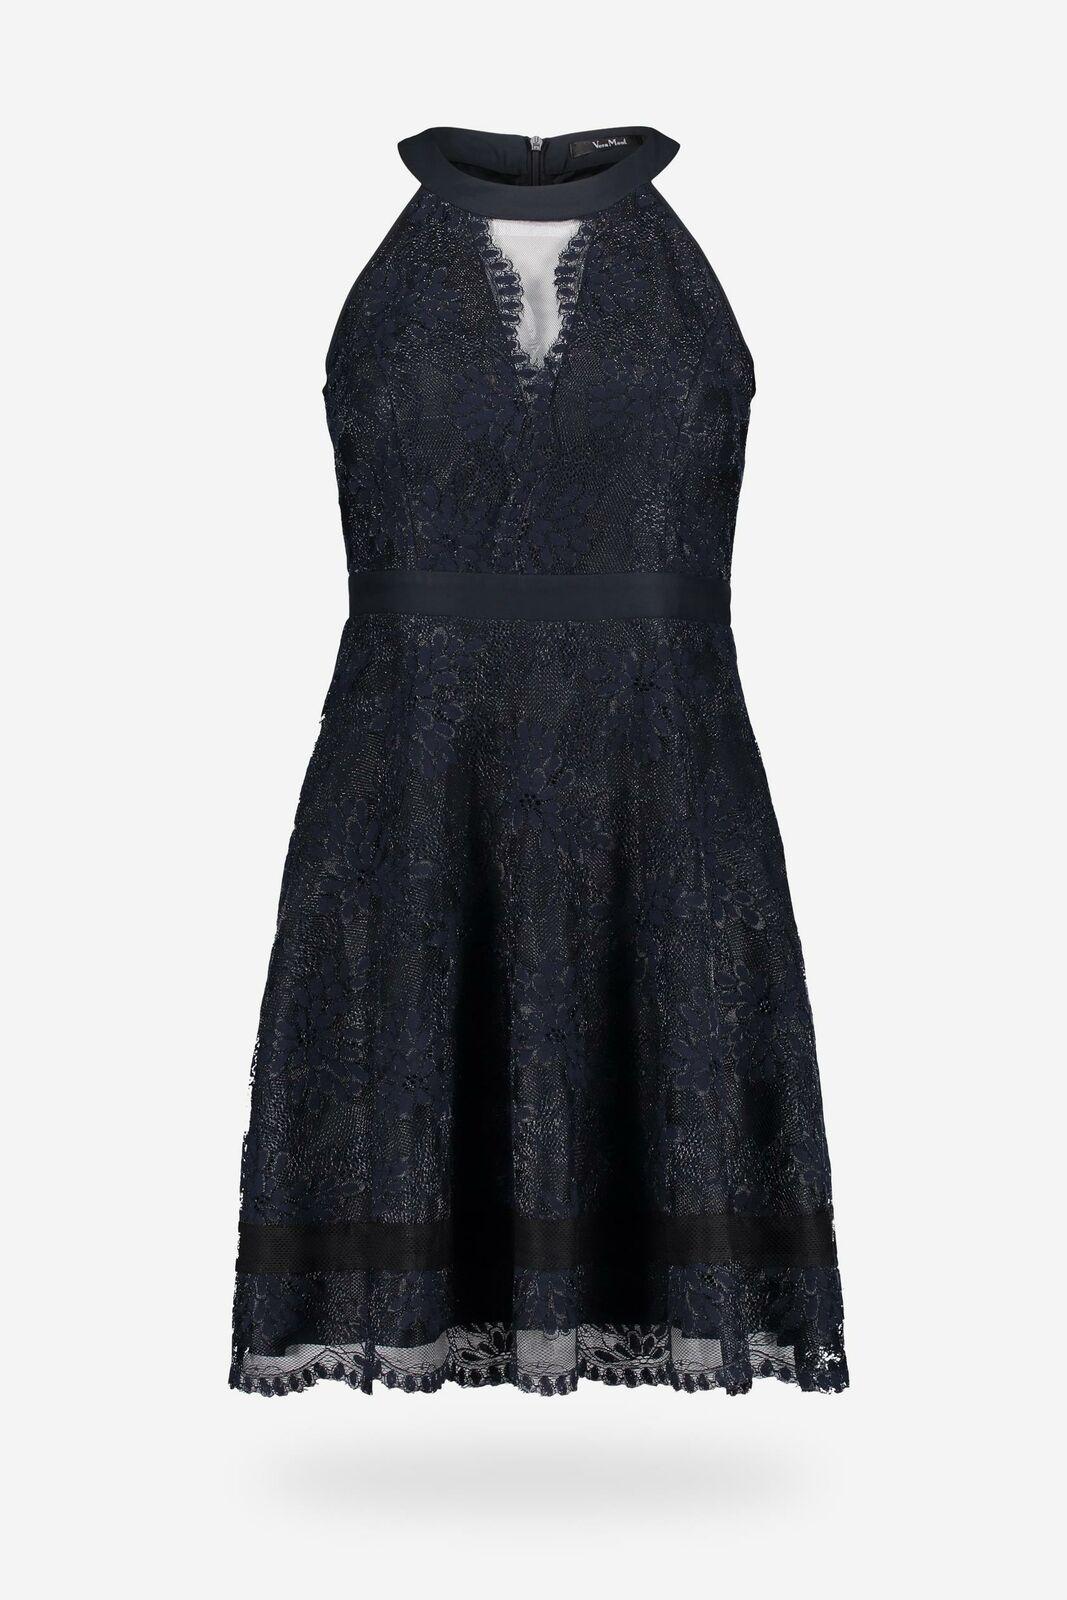 Vera Mont - Cocktailkleid Damen Spitze Glitzer Abendkleid elegant NEU: 164  €